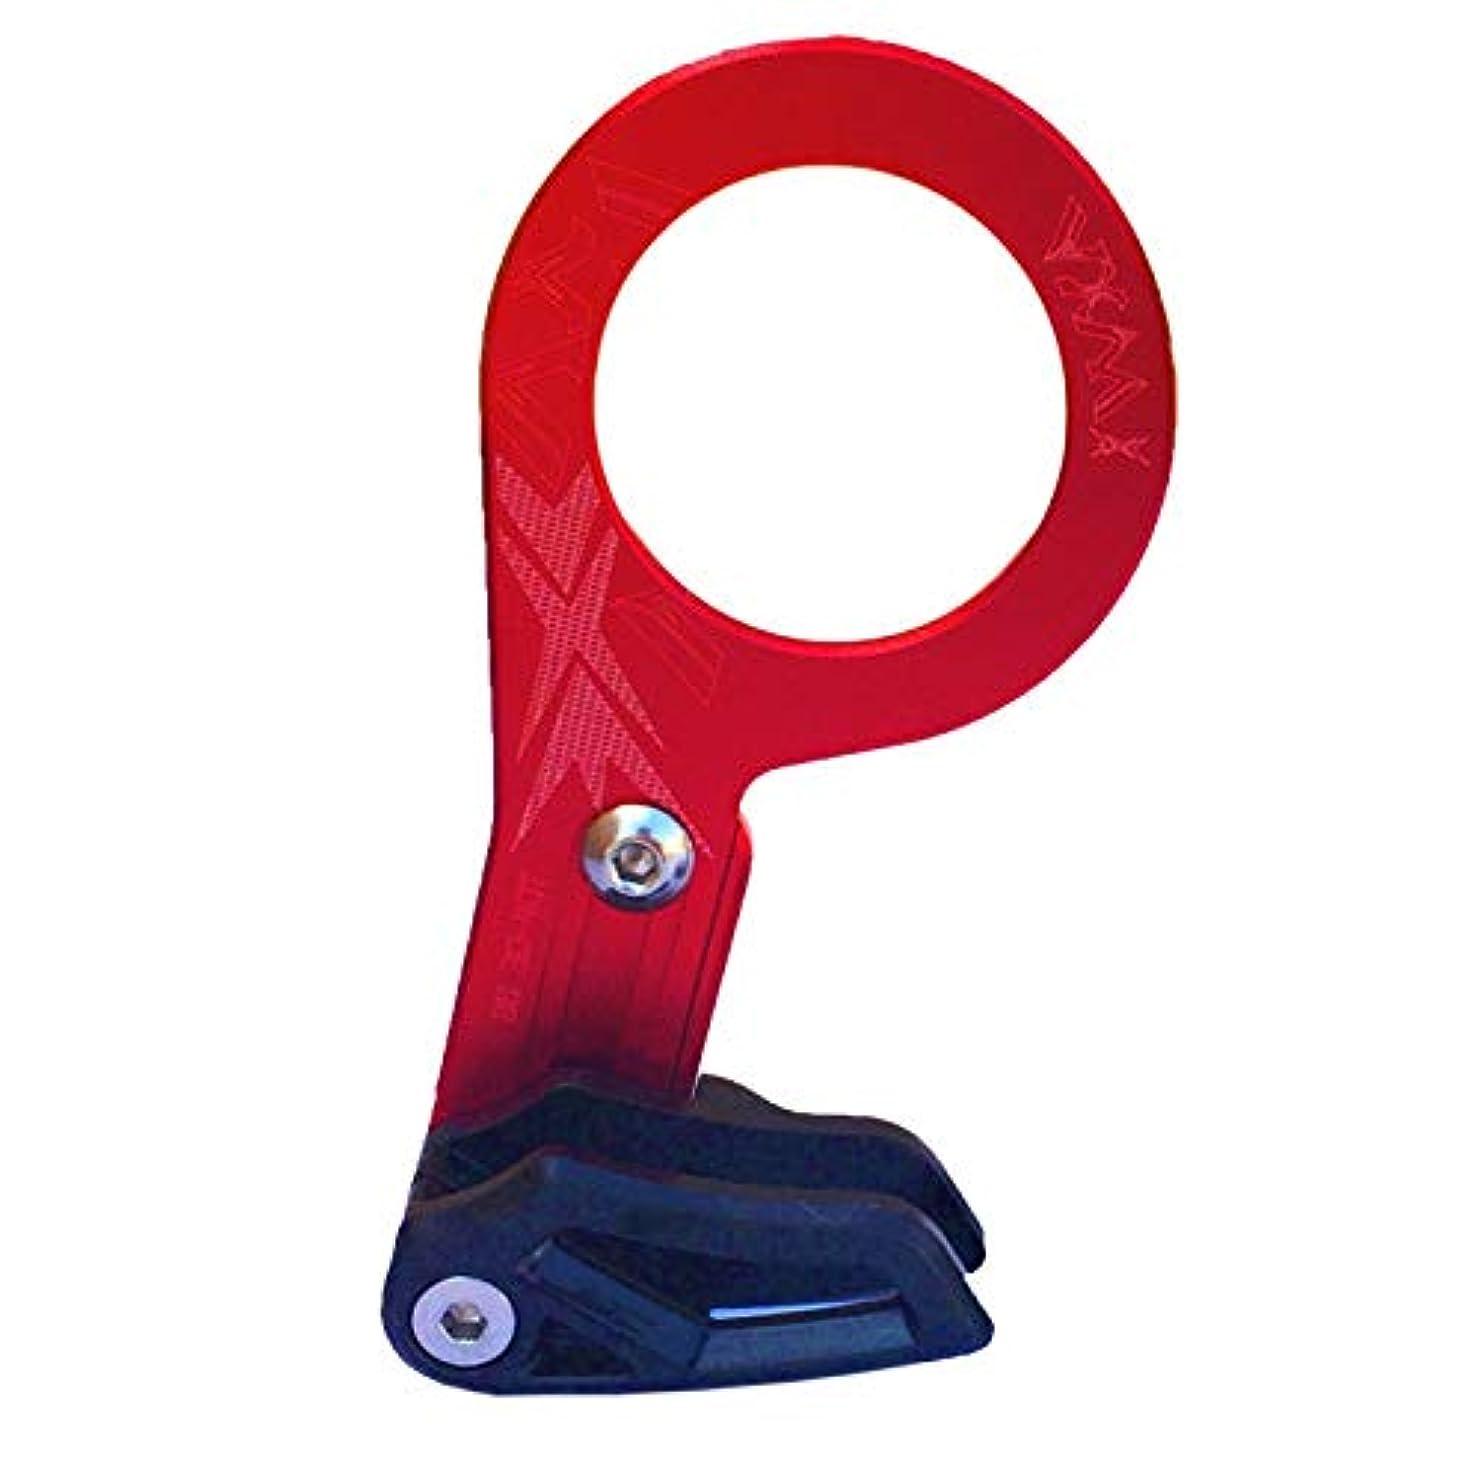 いっぱい毒性偽装するPropenary - Bicycle Chain guide bicycle chain protector 1X System Single Chainring round 32-40T Bike crankset oval 30T-38T Bicycle Parts [ Red ]